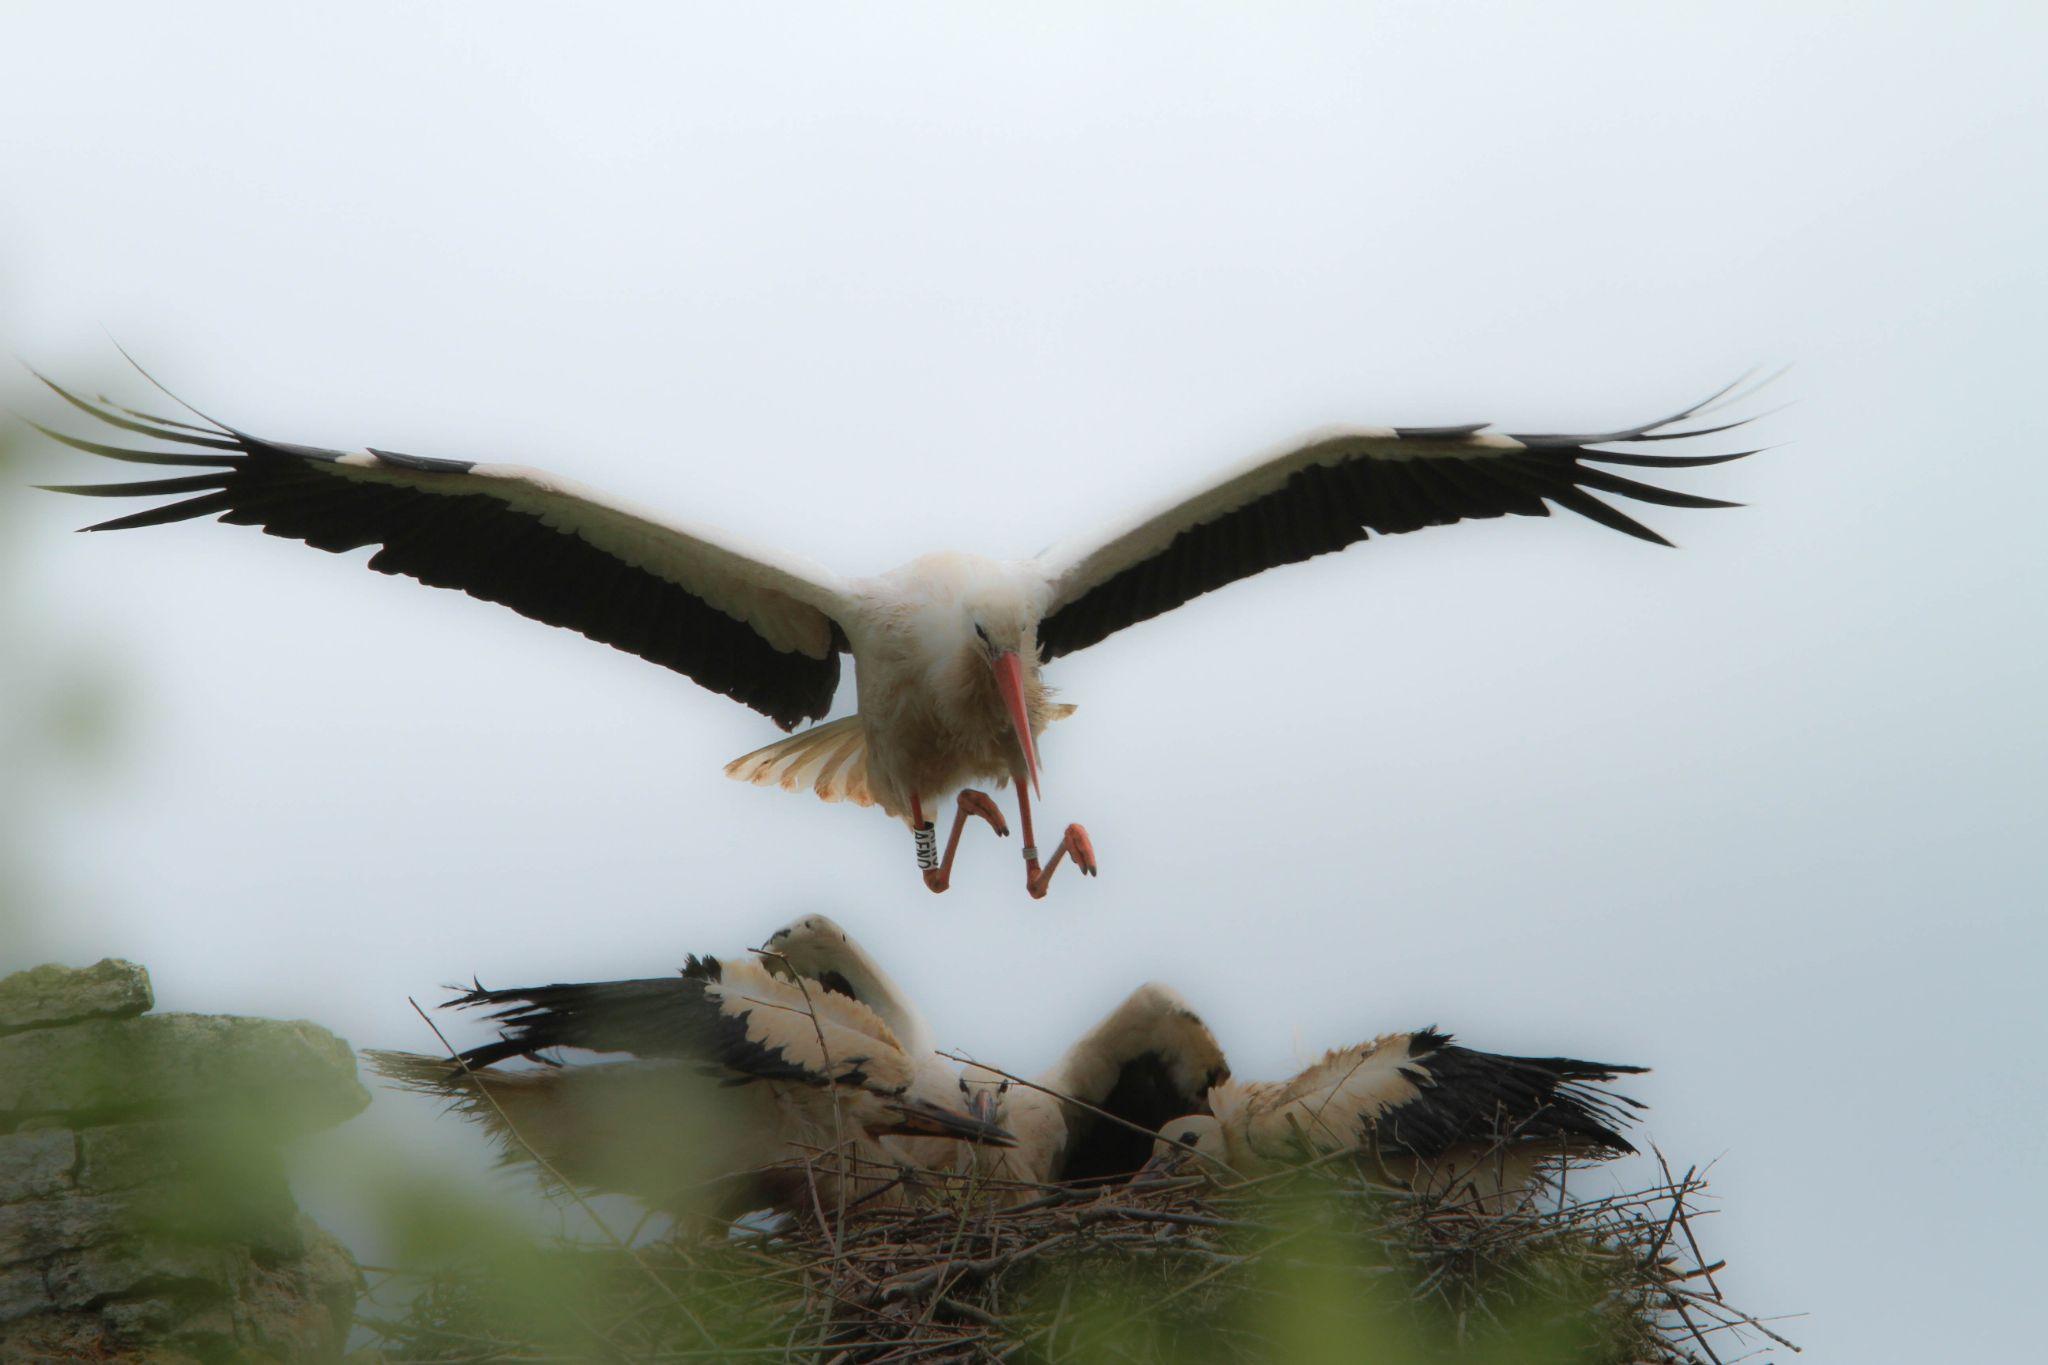 stork by emmanuel liegeois